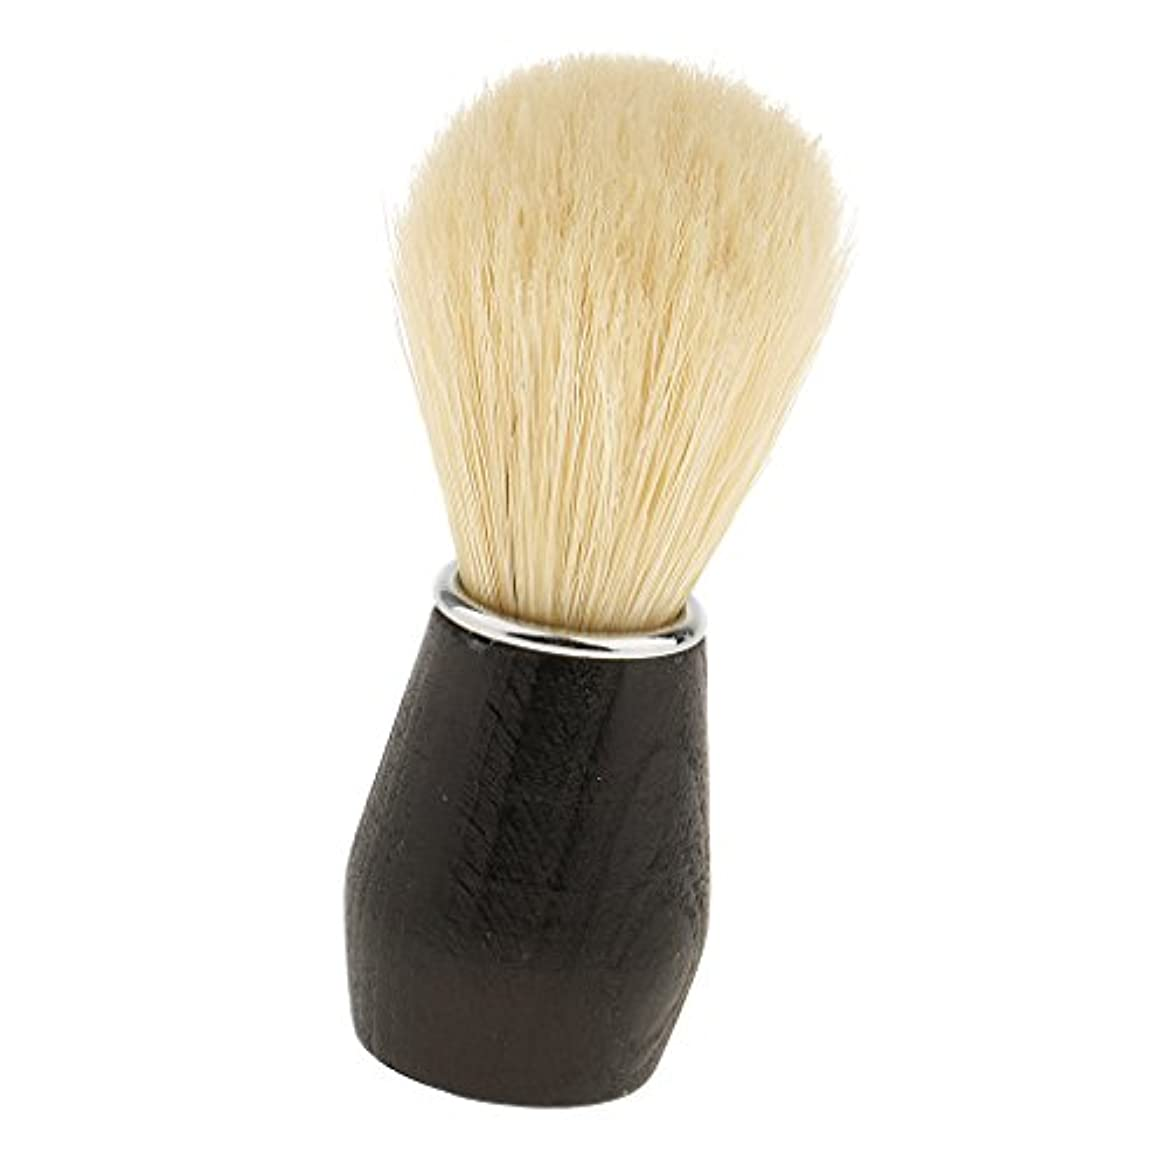 とんでもない穏やかな殺人Baosity 父のギフト ソフト 実用的 プロフェッショナル バーバーサロン家庭用 ひげ剃りブラシ プラスチックハンドル フェイシャルクリーニングブラシ ブラック